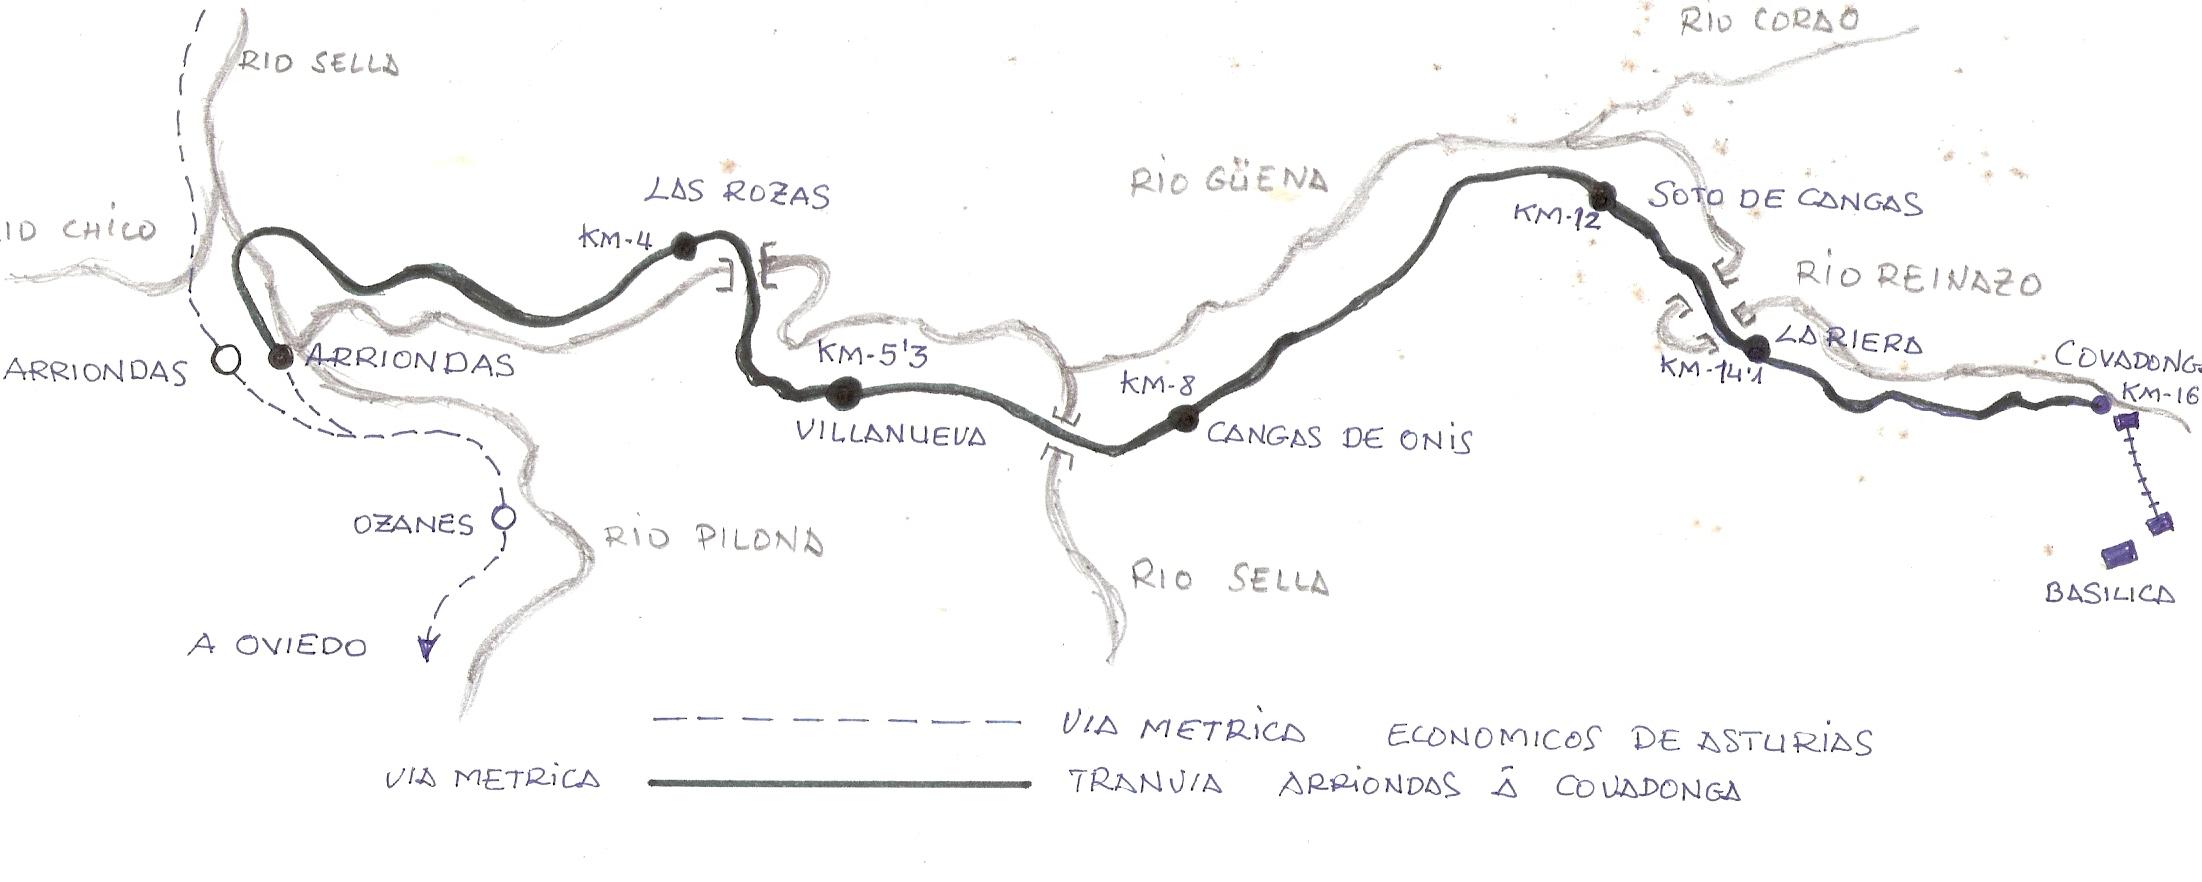 Esquema de la linea, dibujo : Juan Peris Torner